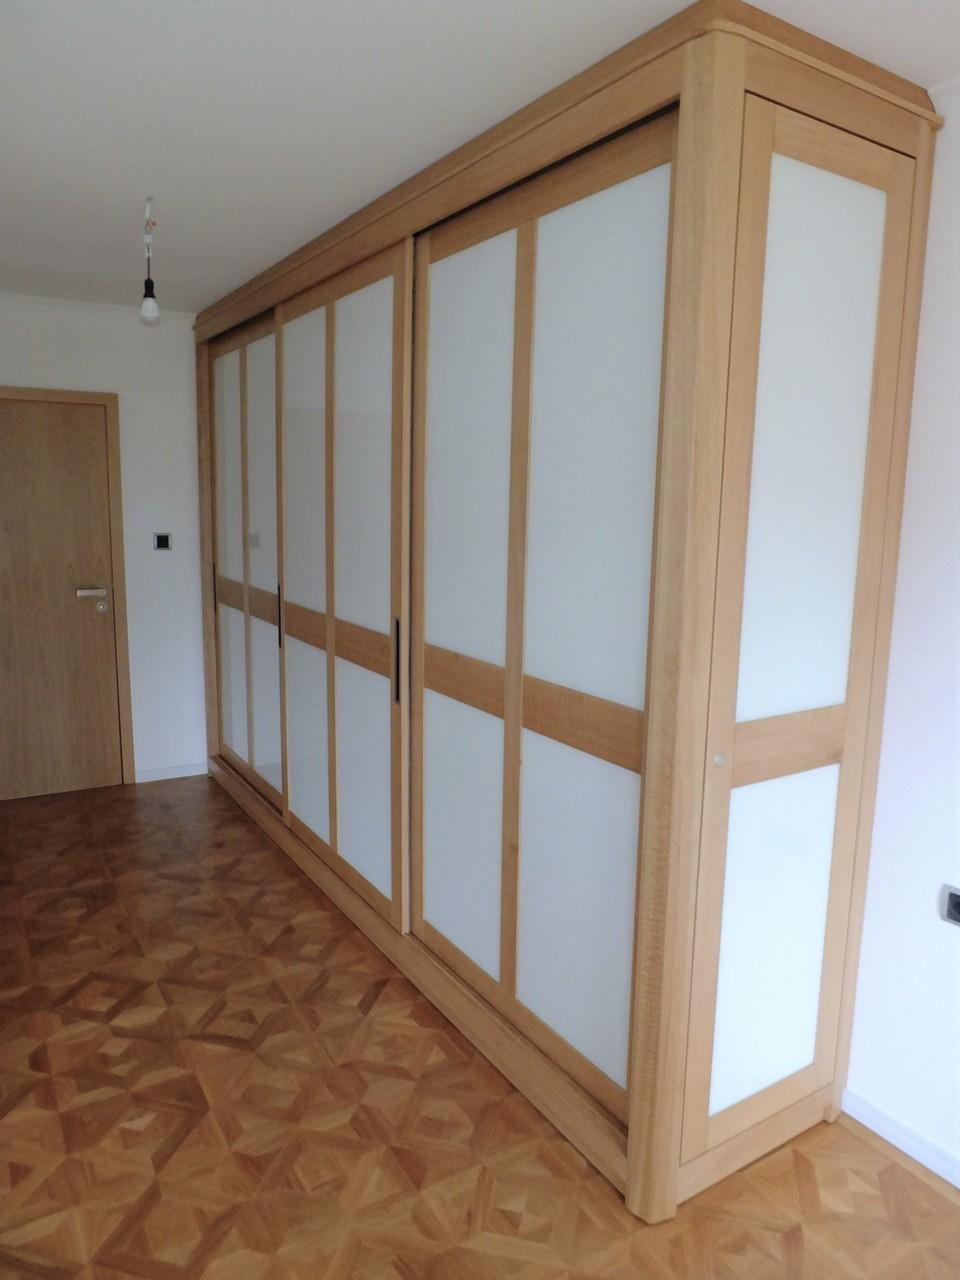 Full Size of Schlafzimmerschränke Haltern Kleiderschrank Schlafzimmerschrank Mit Schiebetren Wohnzimmer Schlafzimmerschränke